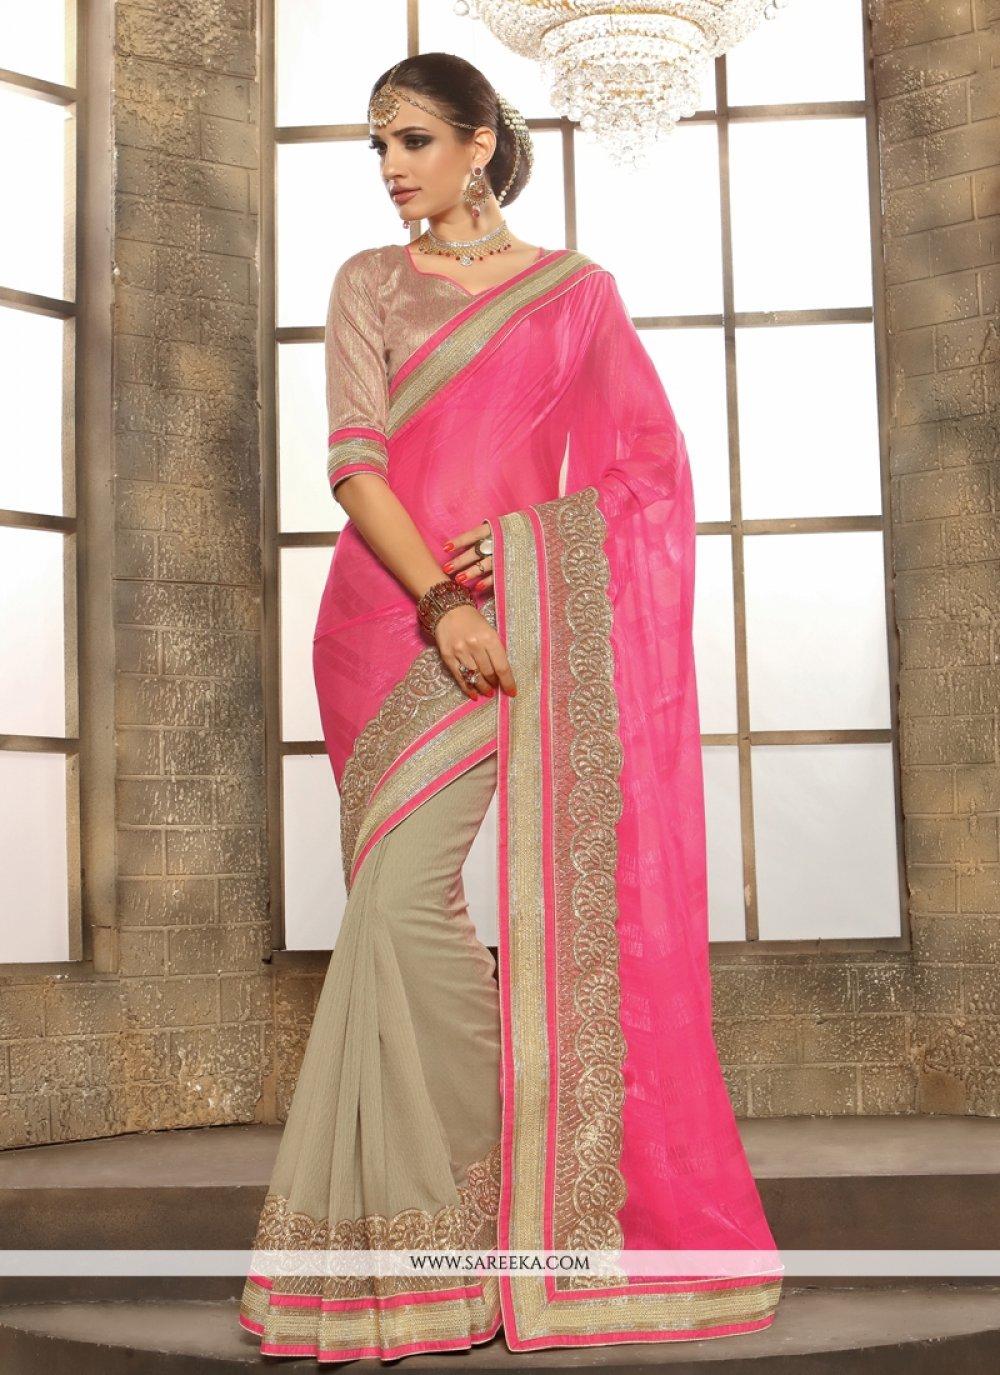 Lace Work Hot Pink Jacquard Designer Saree